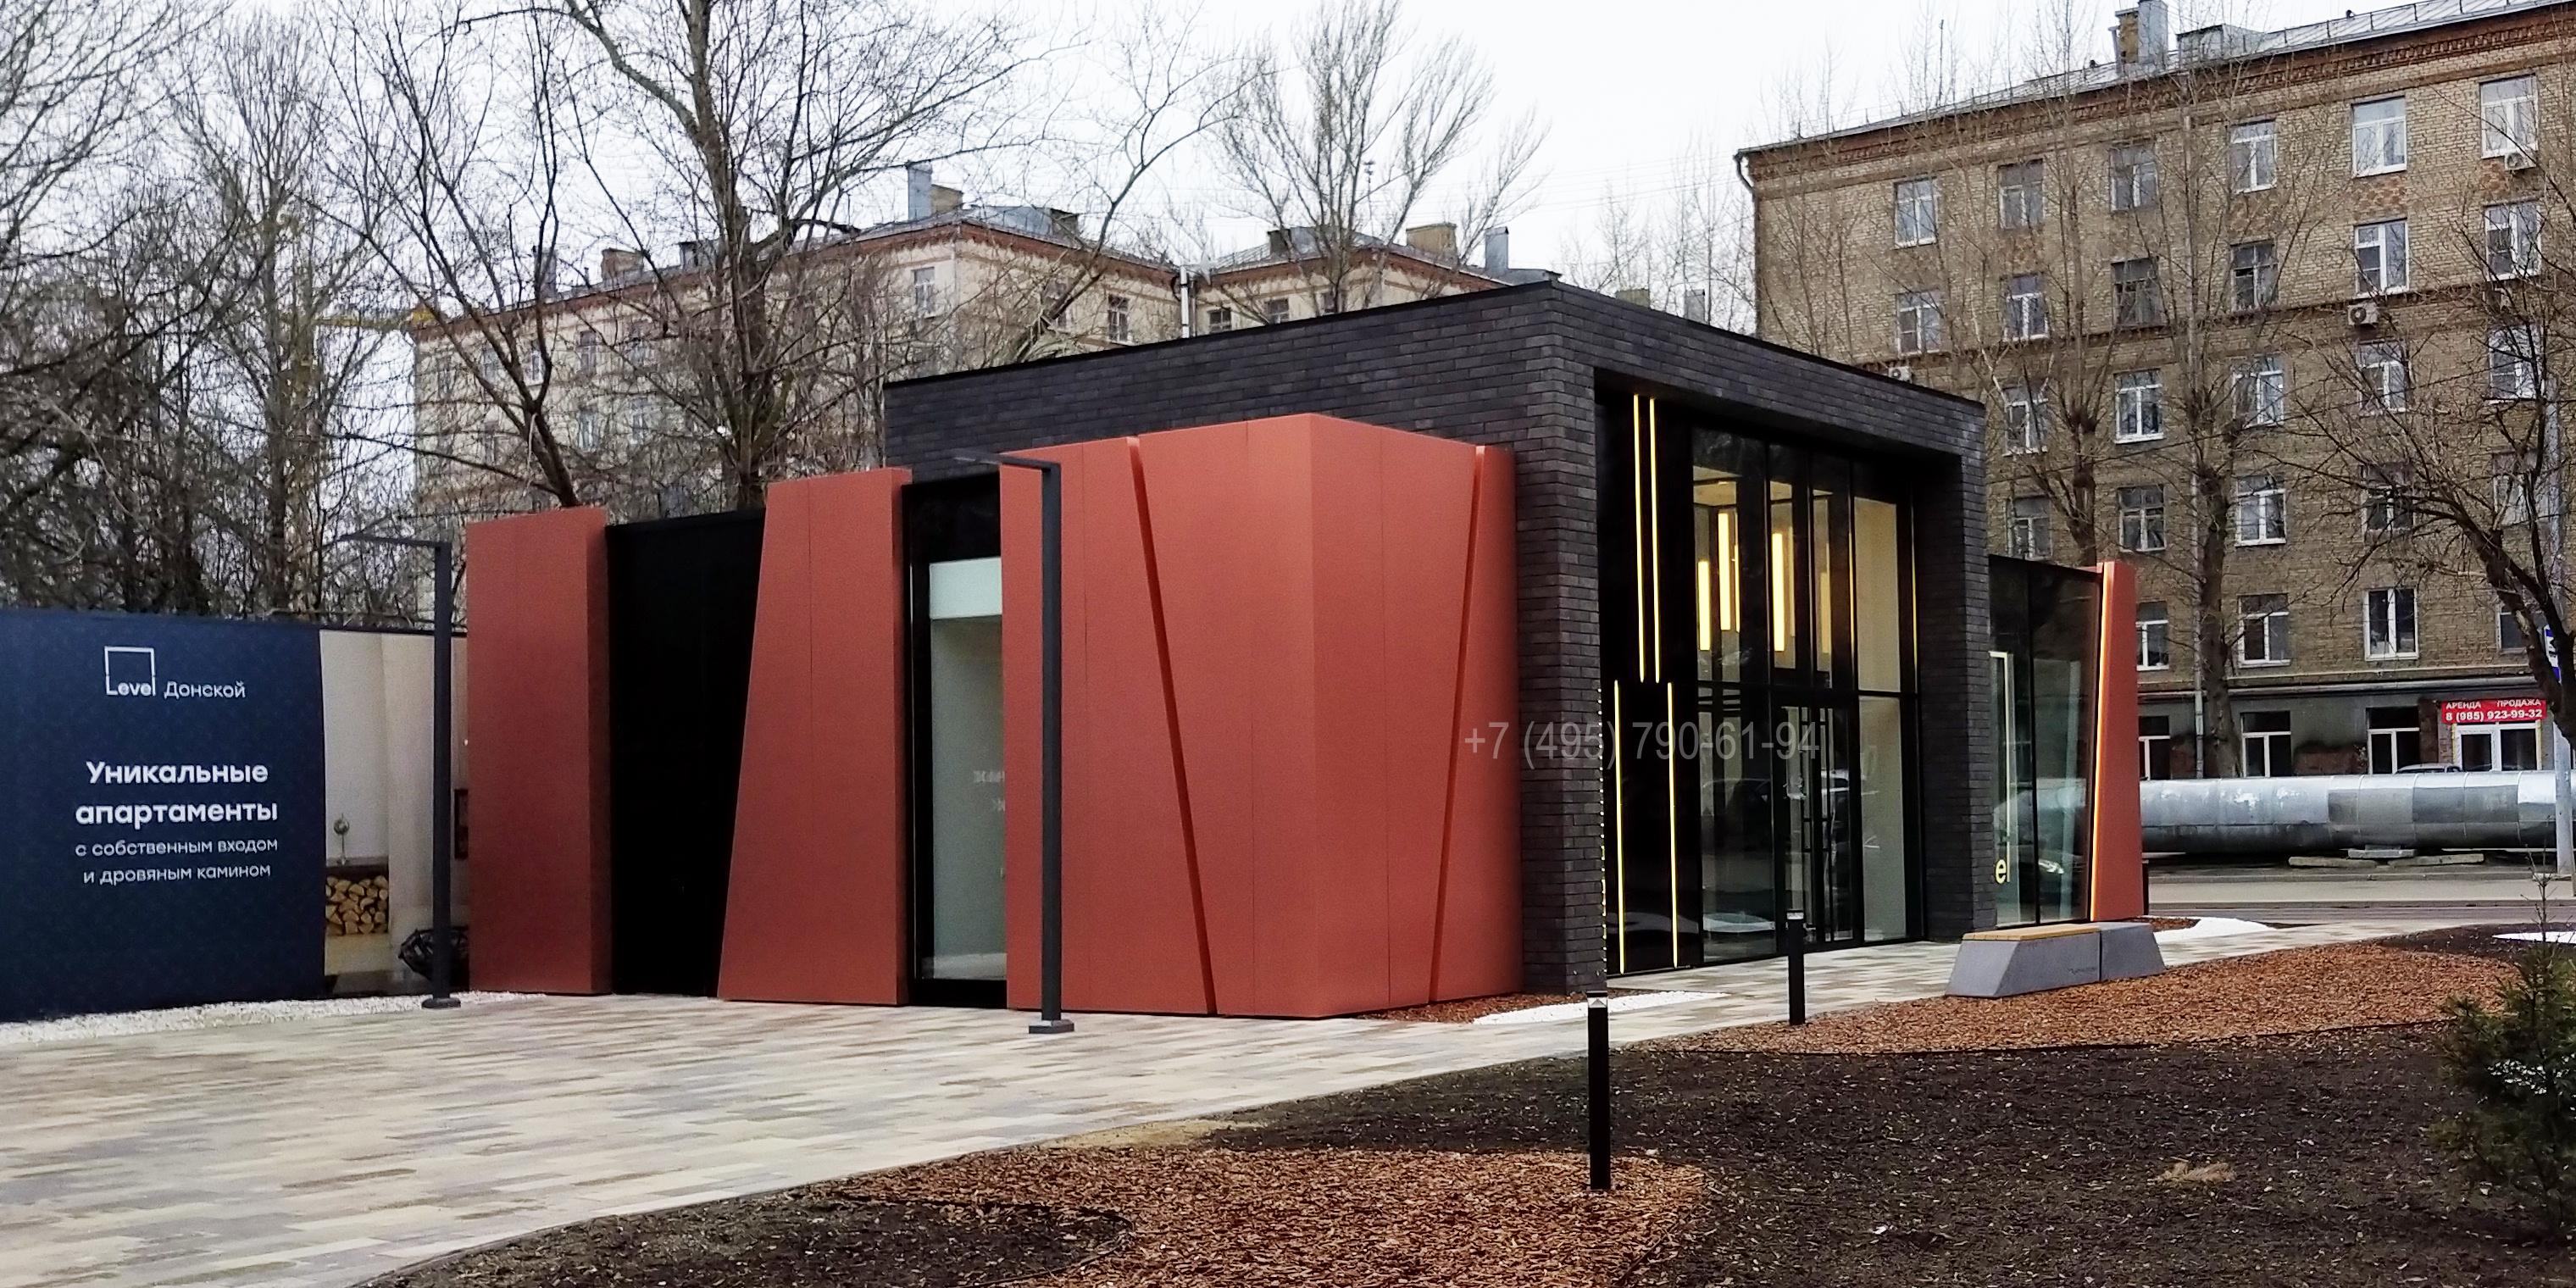 Вентилируемый навесной фасад из алюминиевого композита